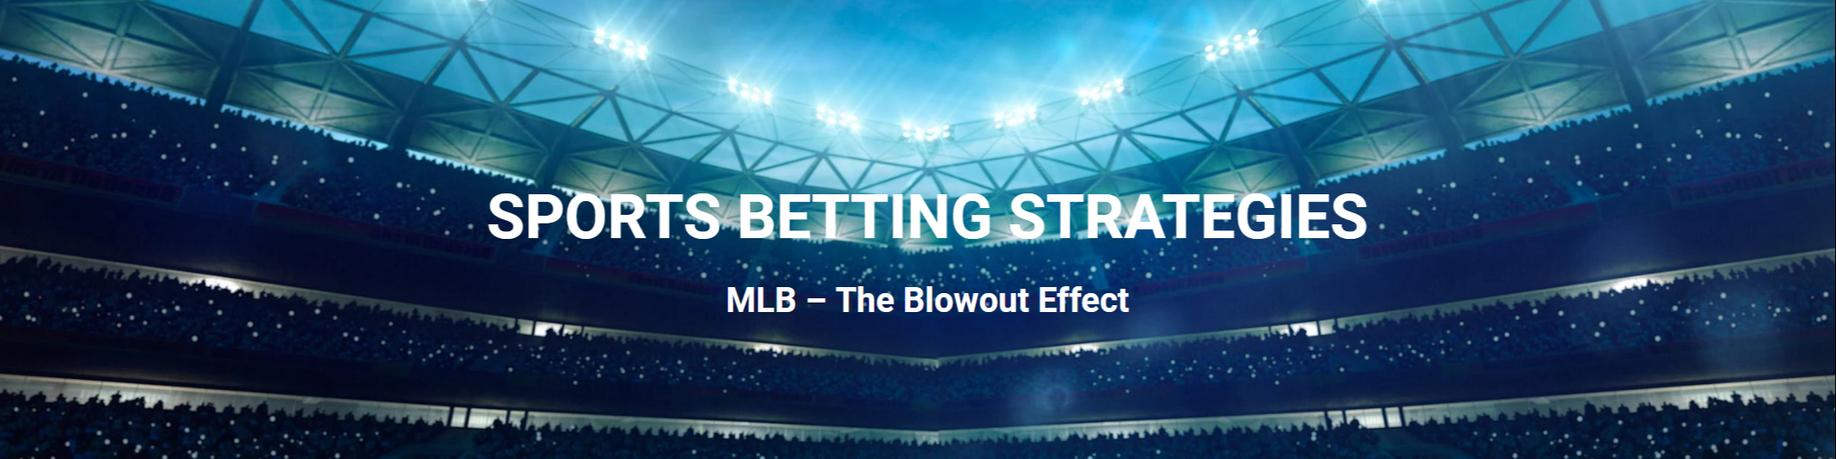 數據分析玩運彩-美盤投注模型策略推薦(MLB,NFL)